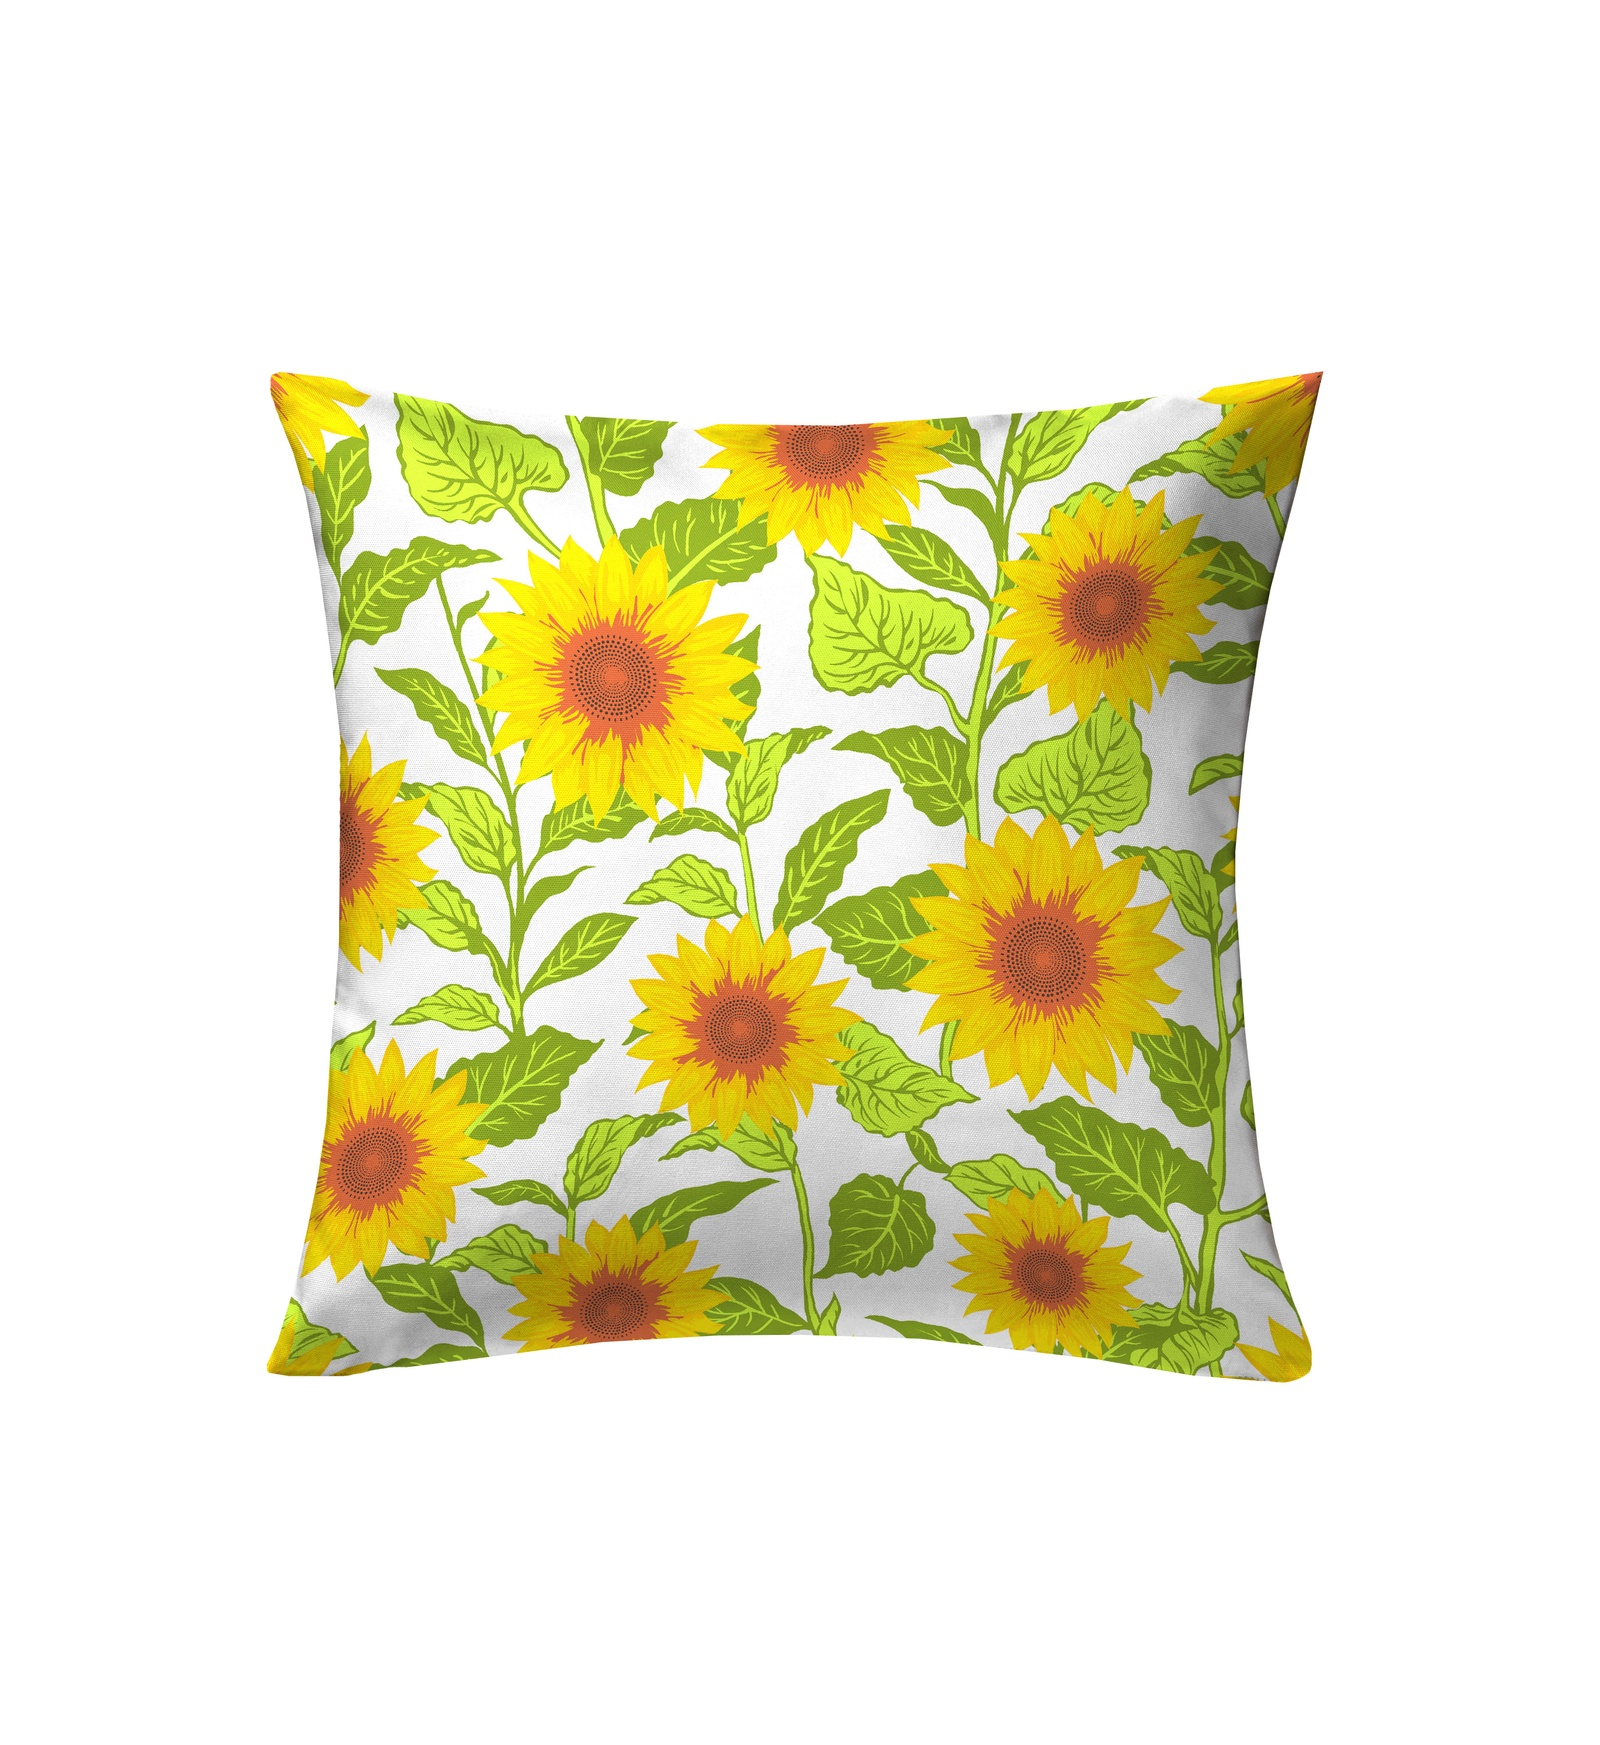 Подушка декоративная Bonita Солнечные подсолнухи, желтый, зеленый покрывало яркие подсолнухи сирень покрывало яркие подсолнухи